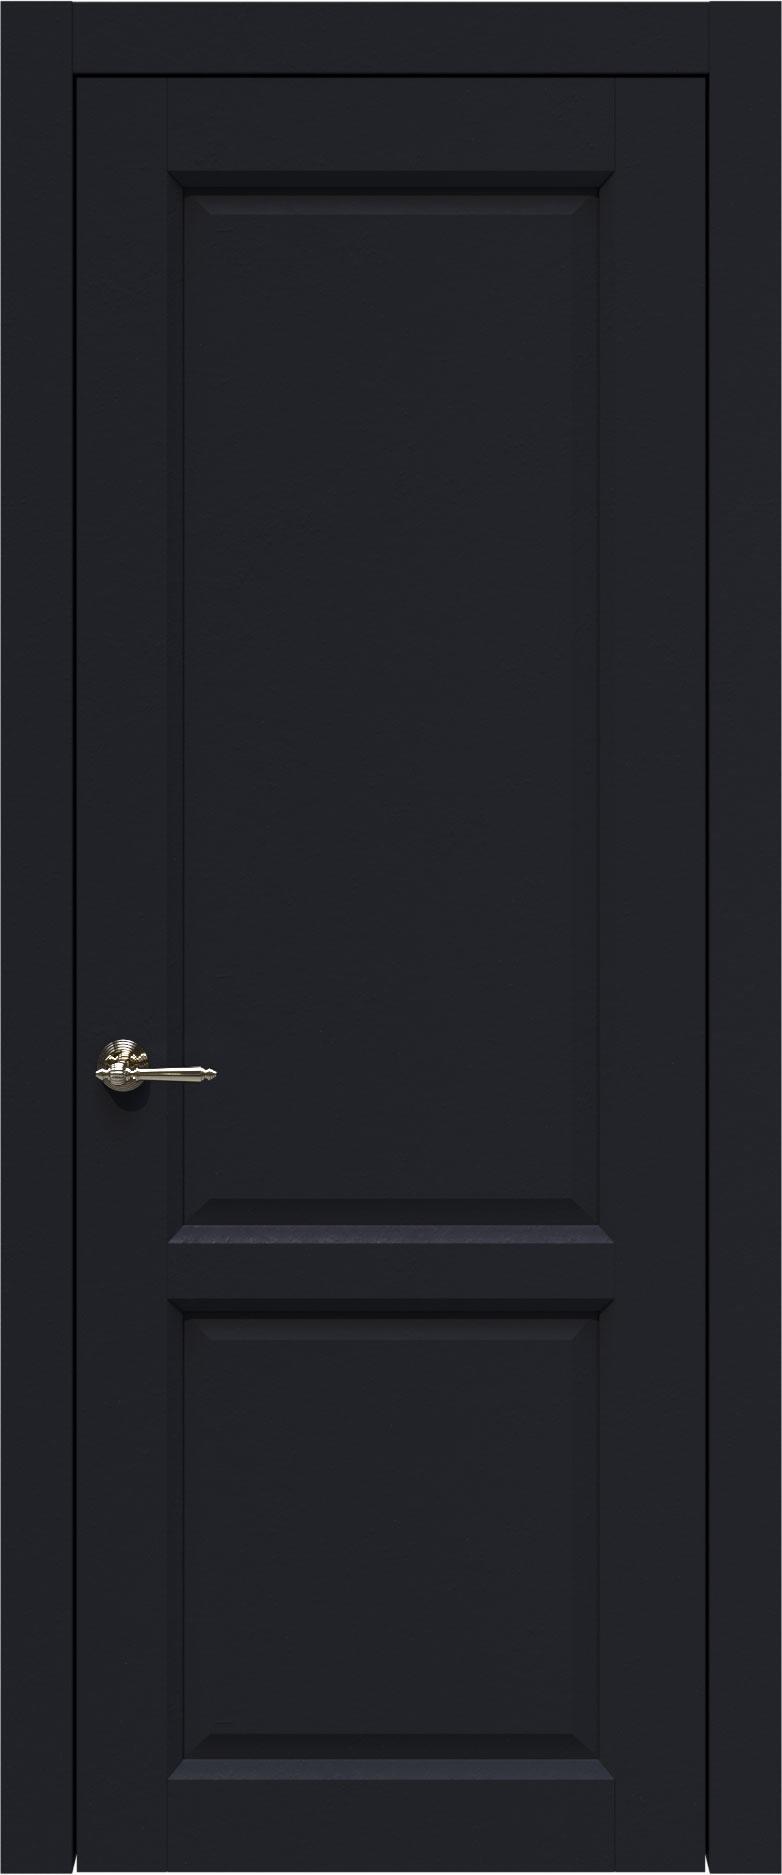 Dinastia цвет - Черная эмаль (RAL 9004) Без стекла (ДГ)